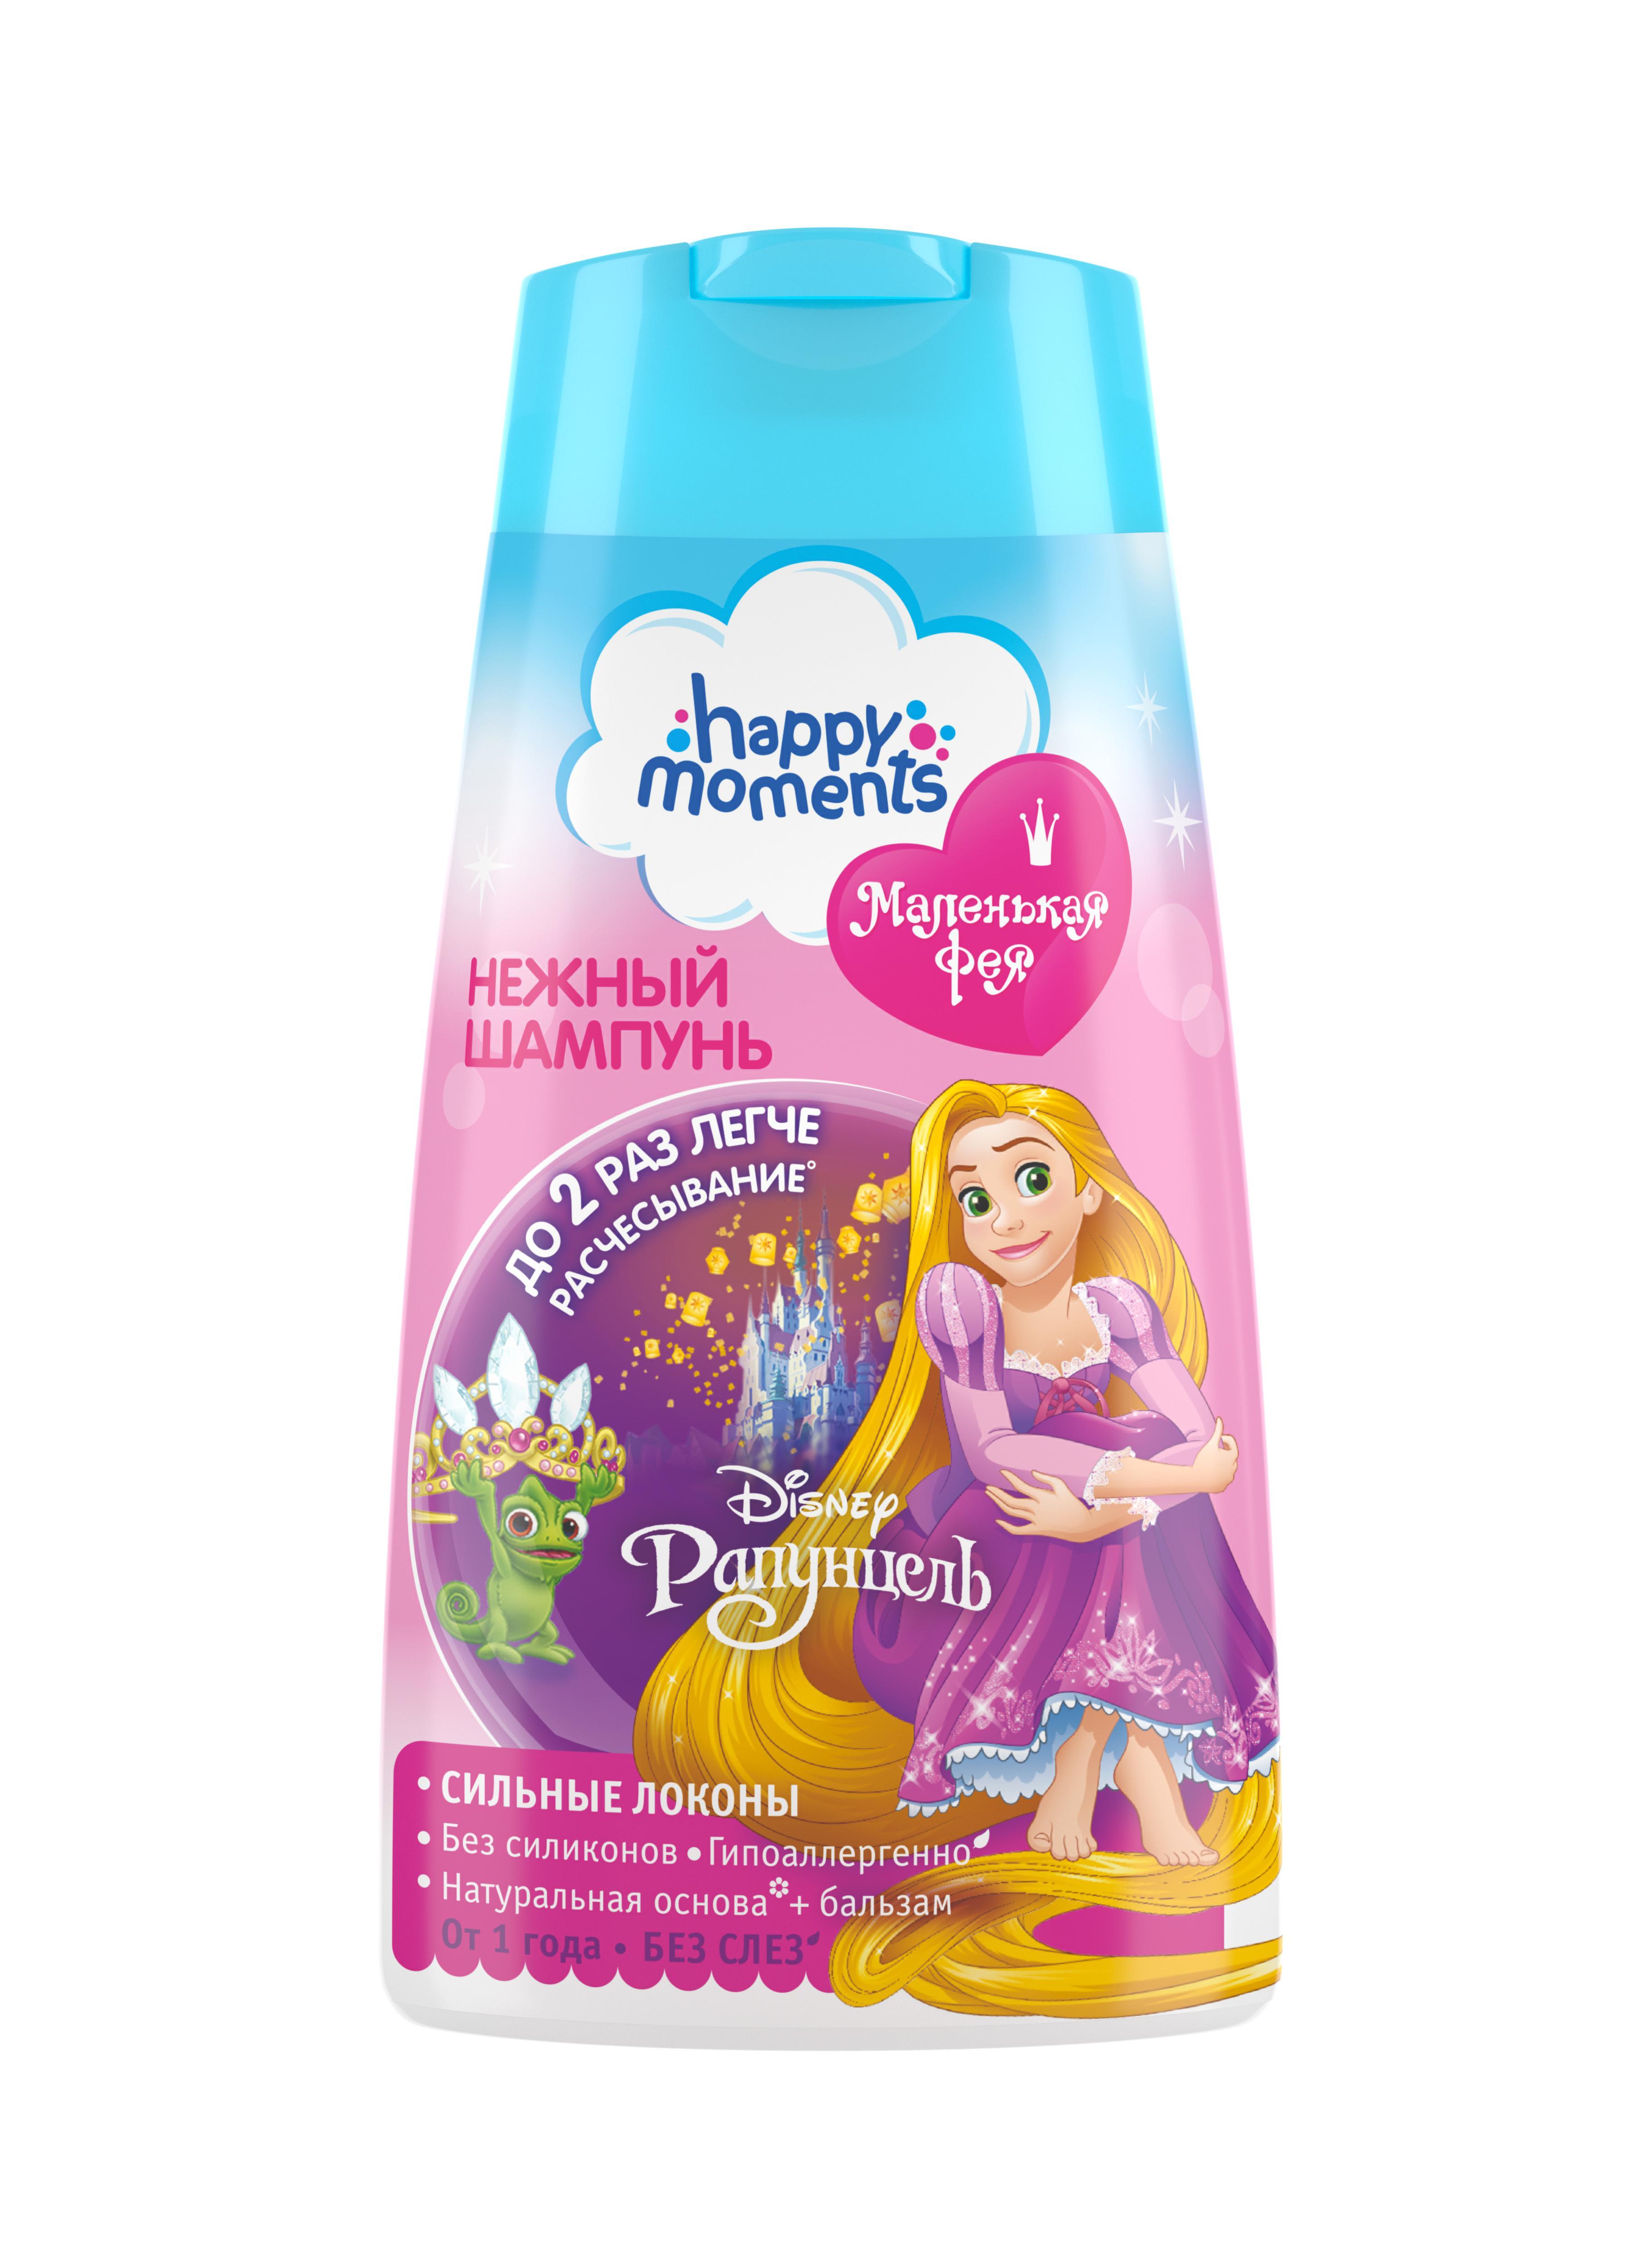 Купить Шампунь детский Маленькая Фея Happy Moments Сильные локоны , 240 мл, Детские шампуни